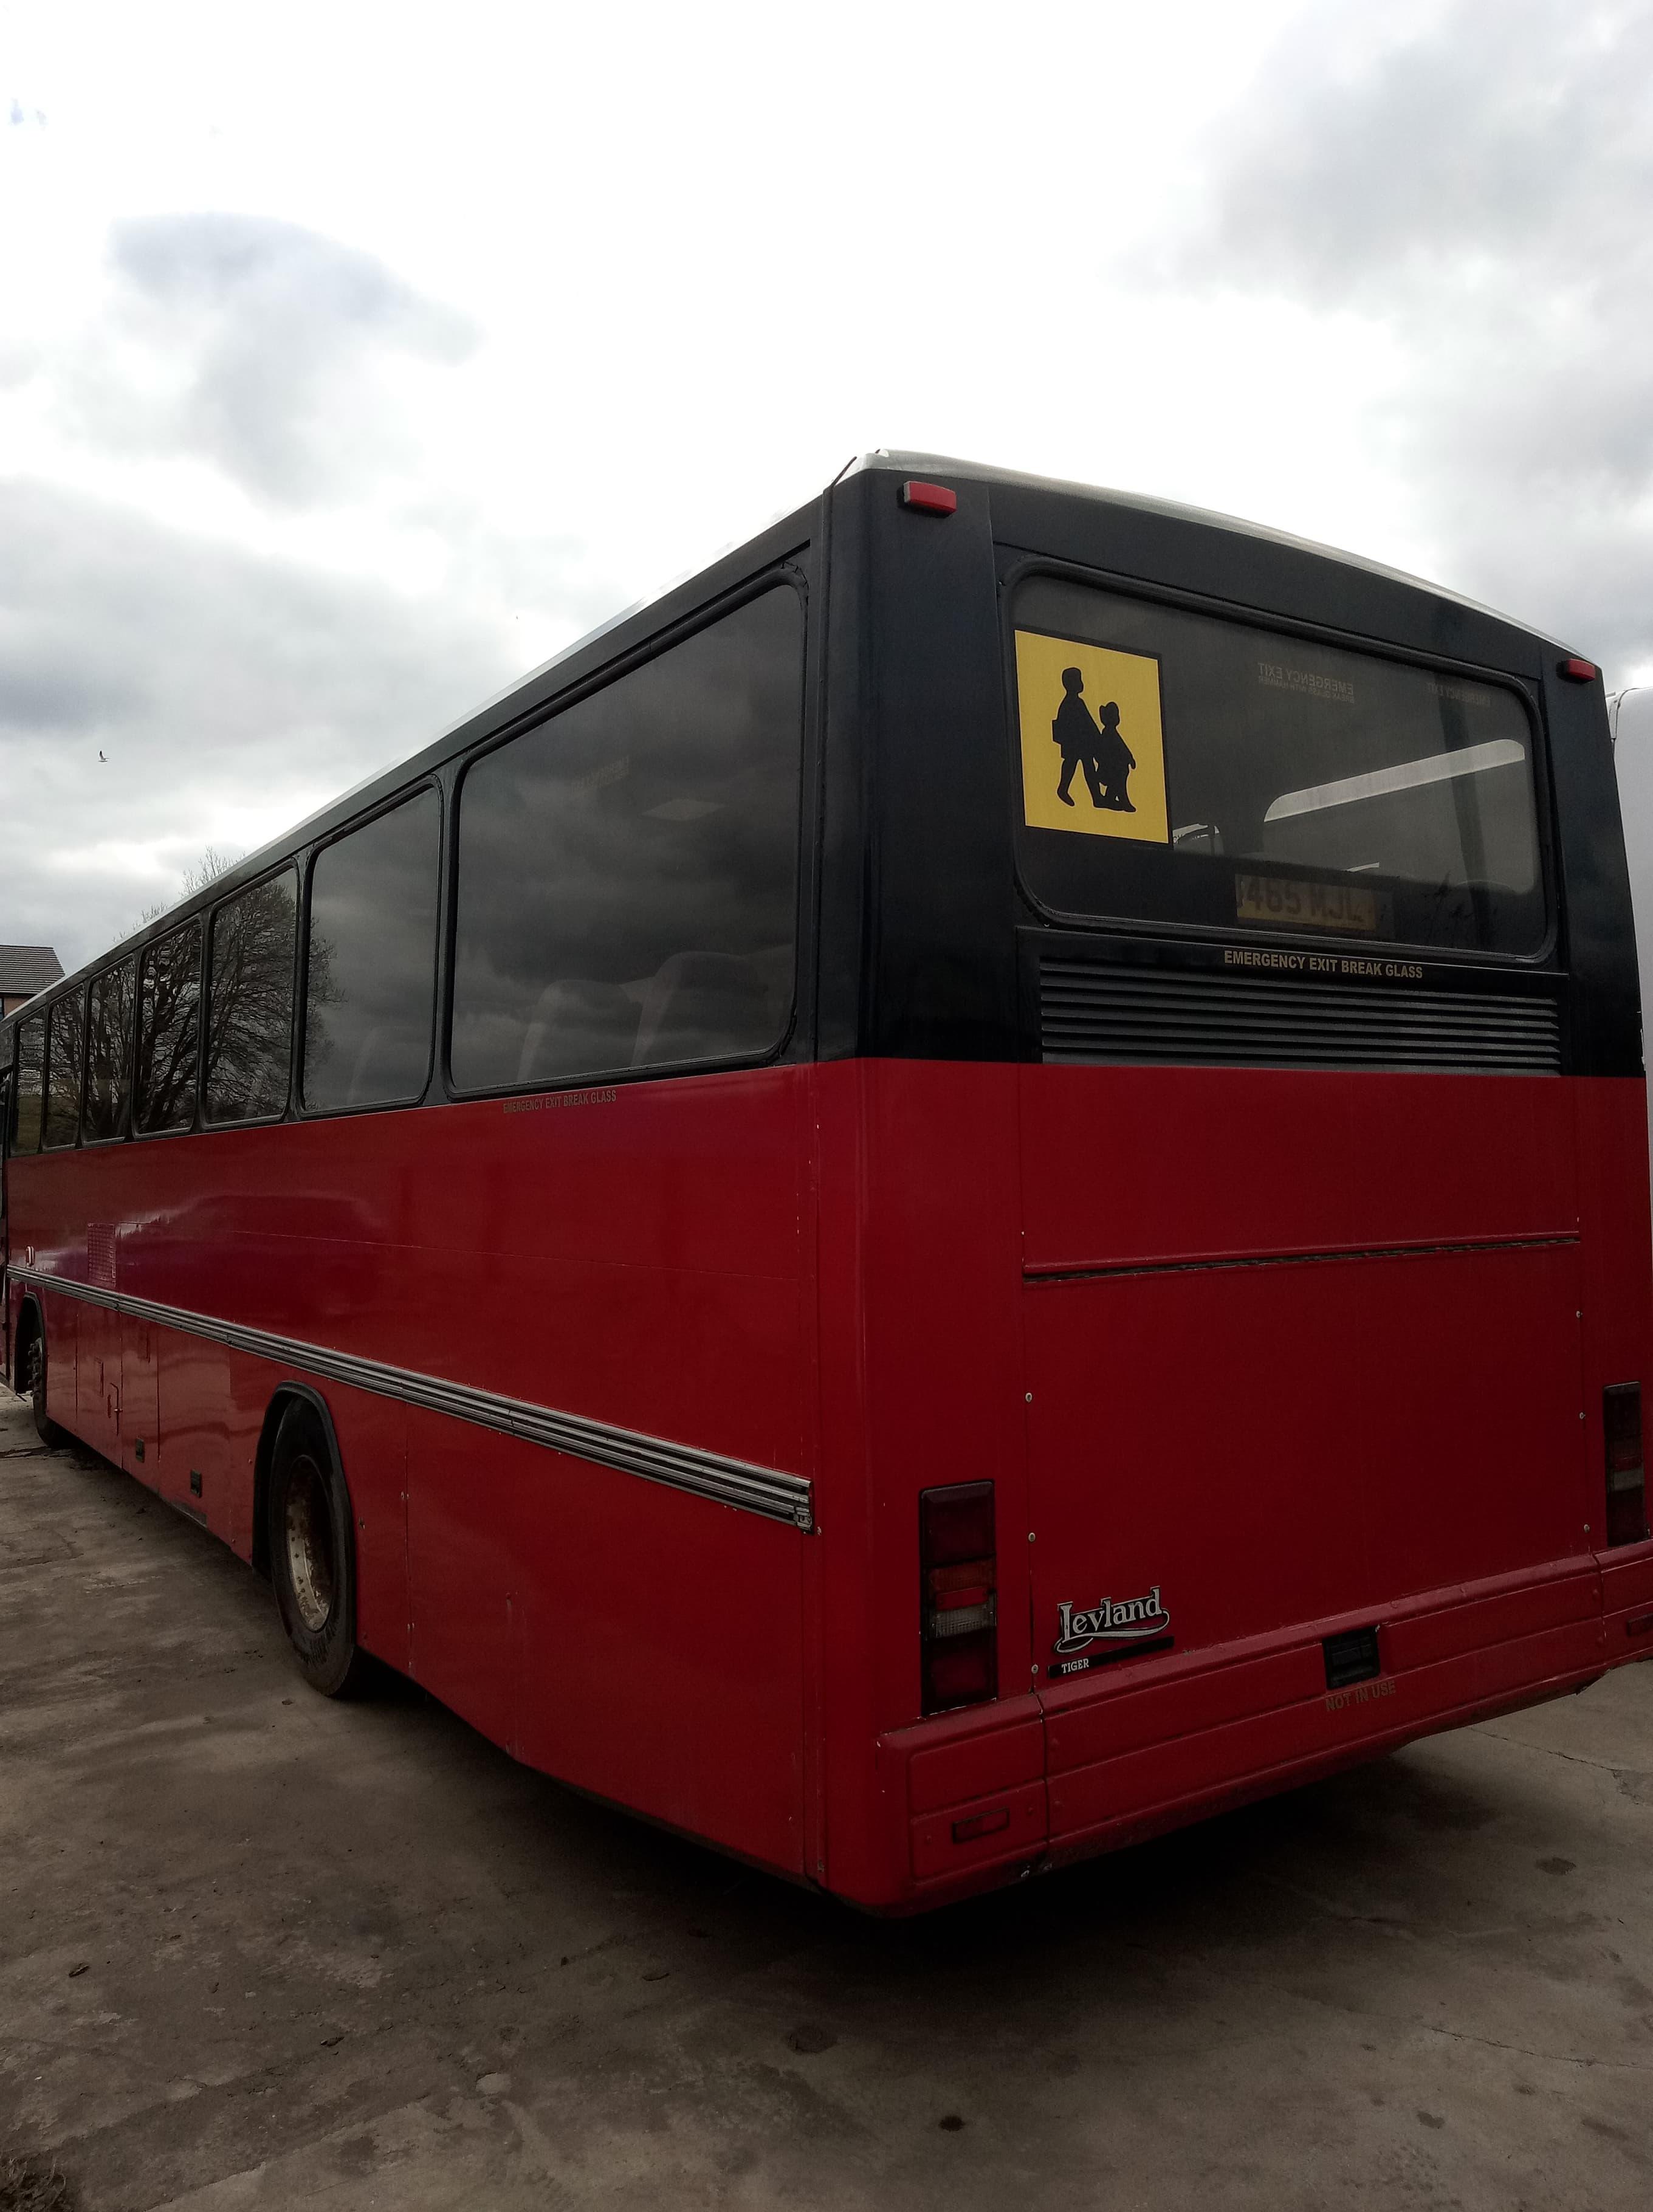 Leyland Tiger School Bus,Wright Endeavour Body, Registration: J465 MJL, Date of Registration- June - Image 2 of 5